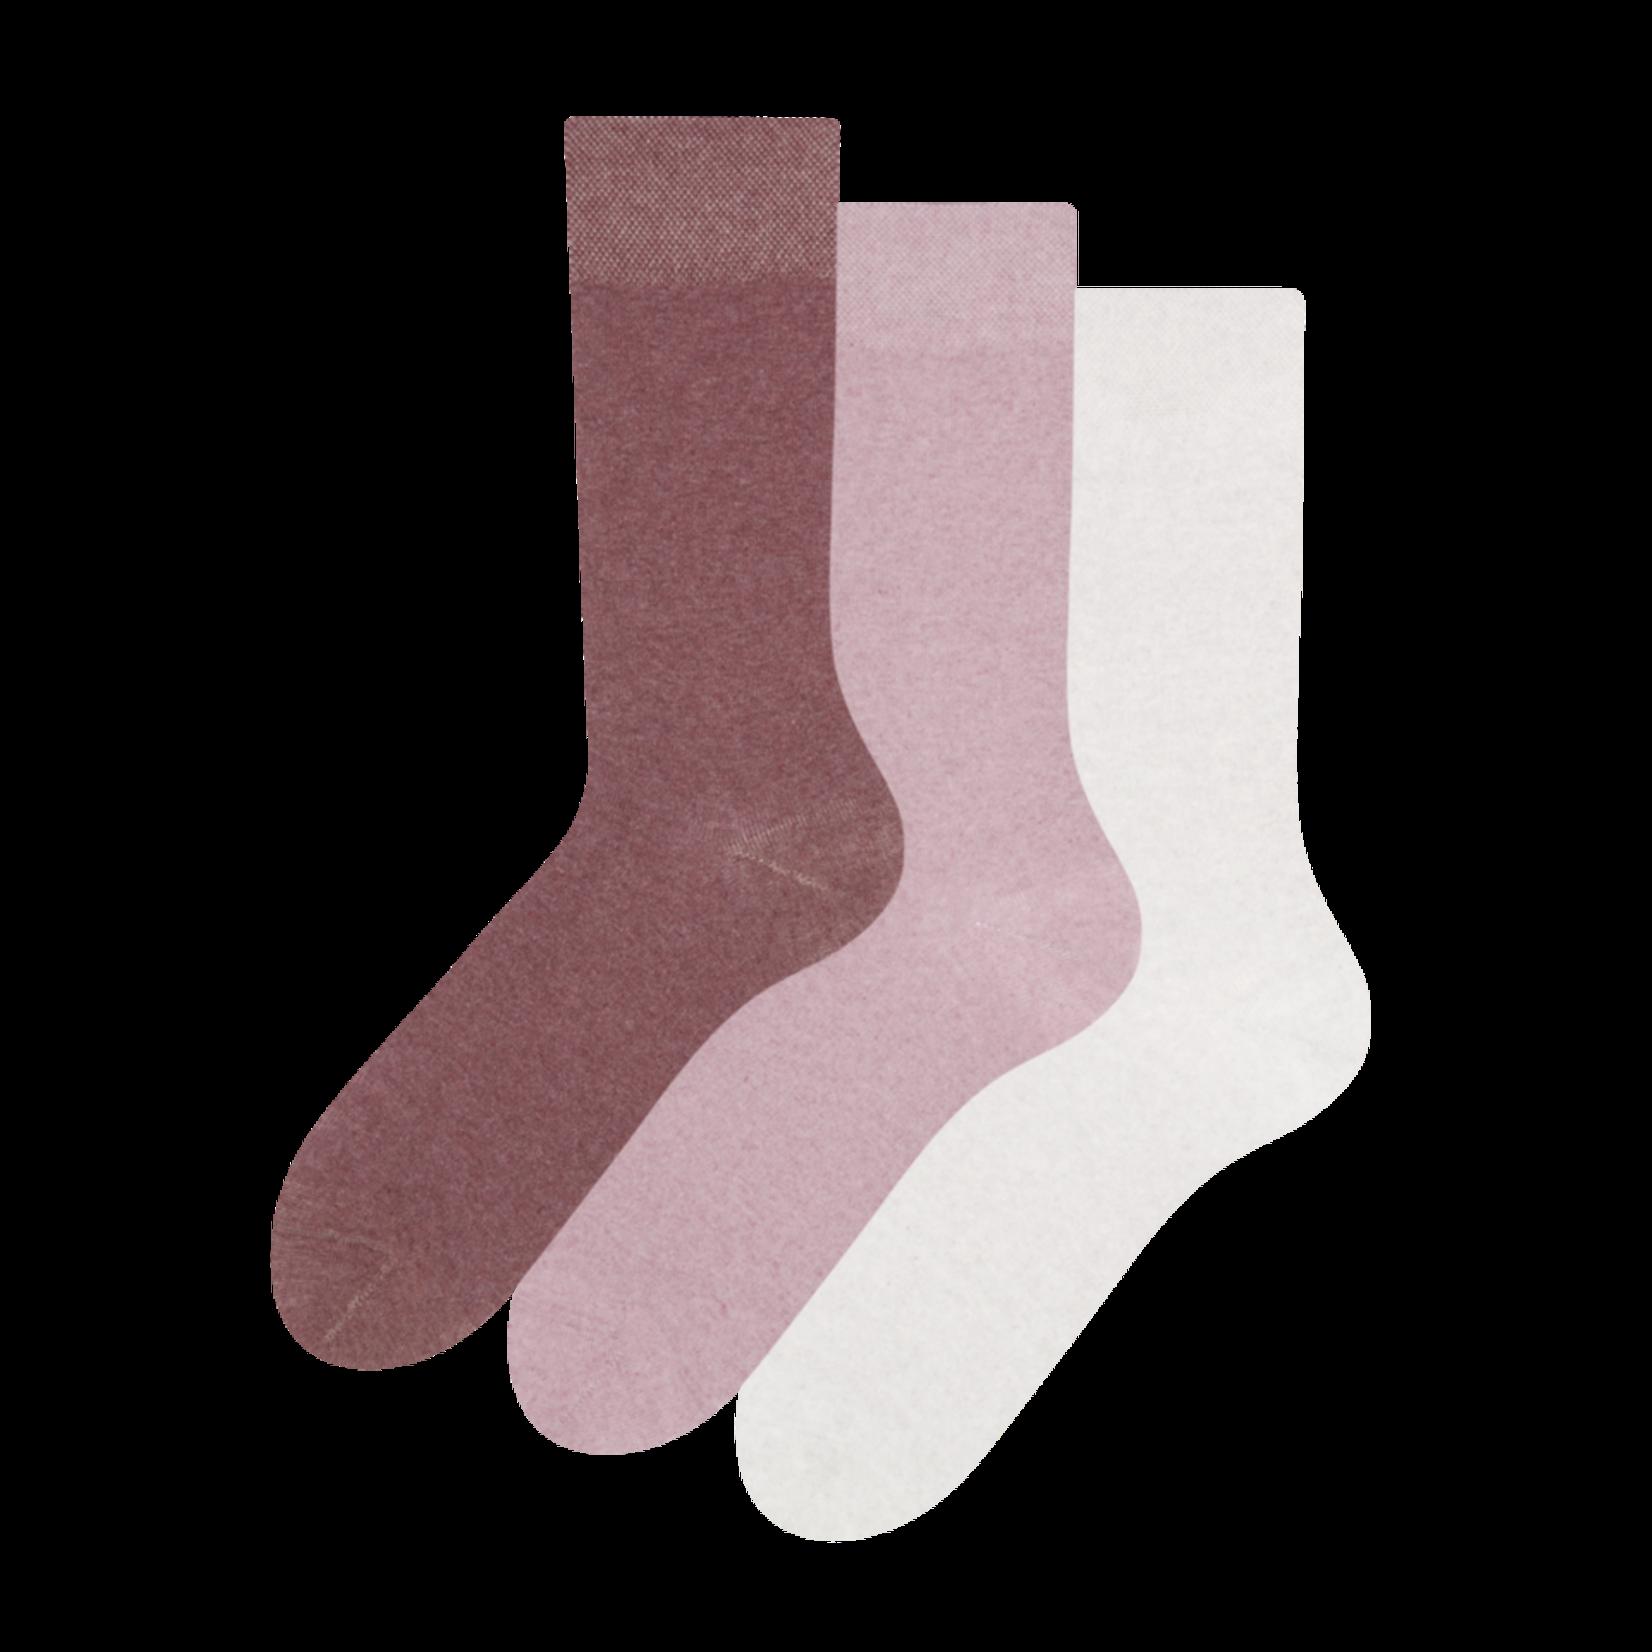 Recycled cotton sokken 3-pack Optimist